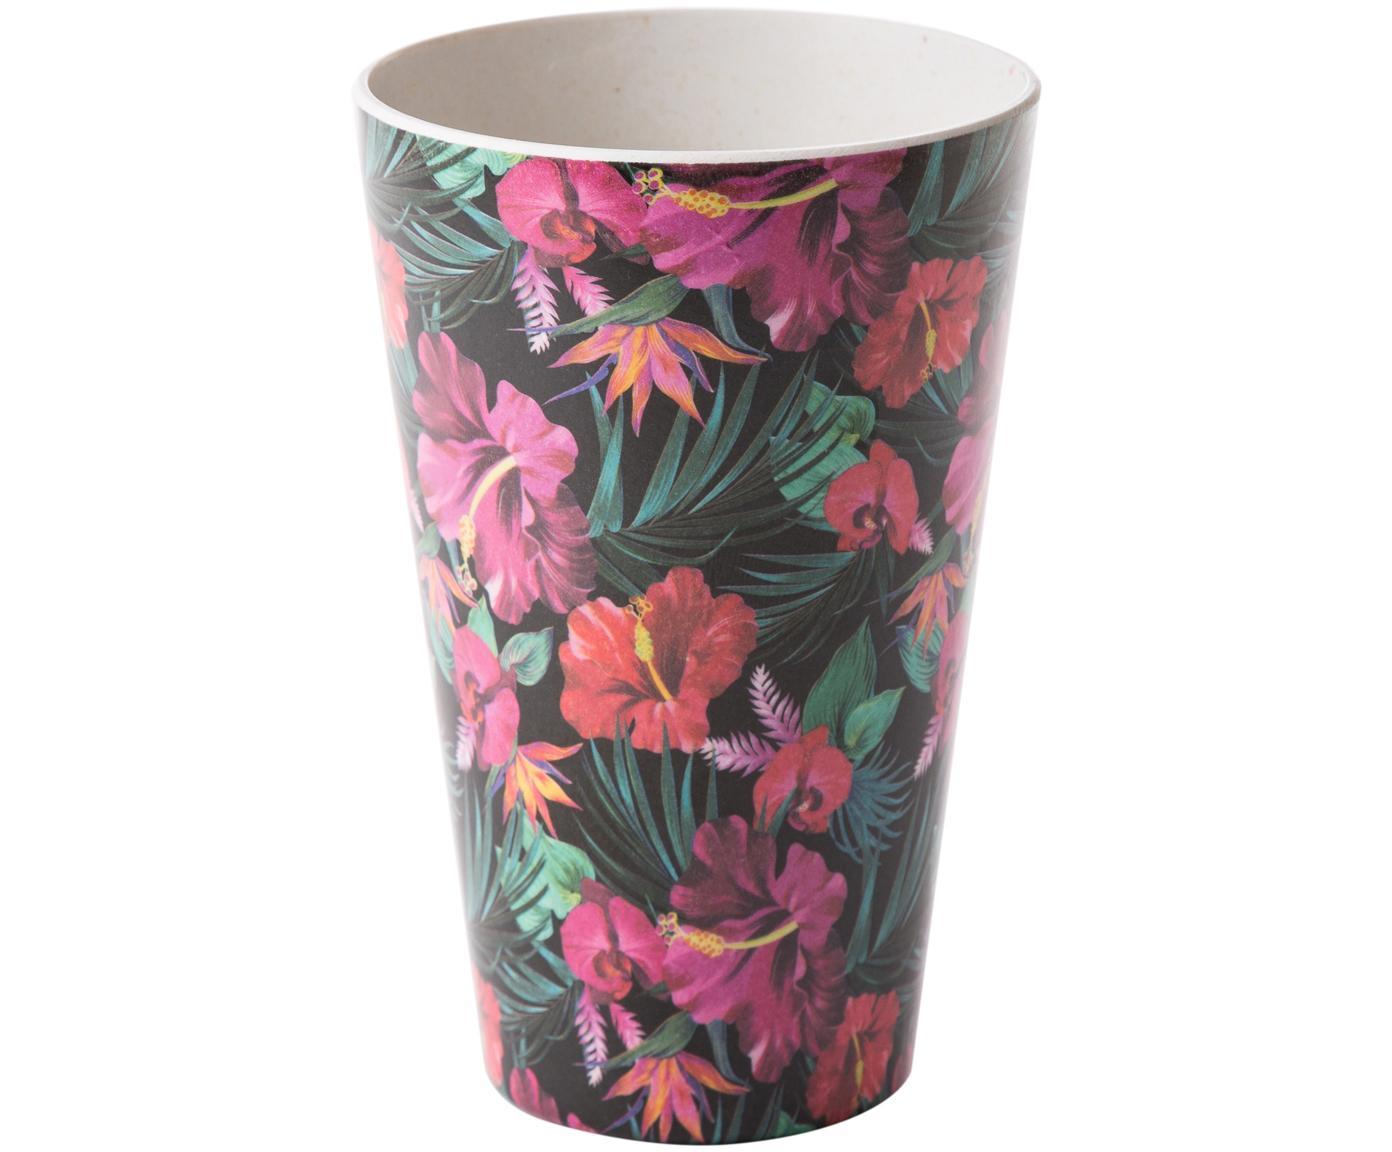 Bambus-Becher Tropical Flower, 55%Bambusfasern, 25%Maisstärke, 15%Melamin, Grüntöne, Fuchsienfarben, Rot, Weiß, Ø 9 x H 13 cm